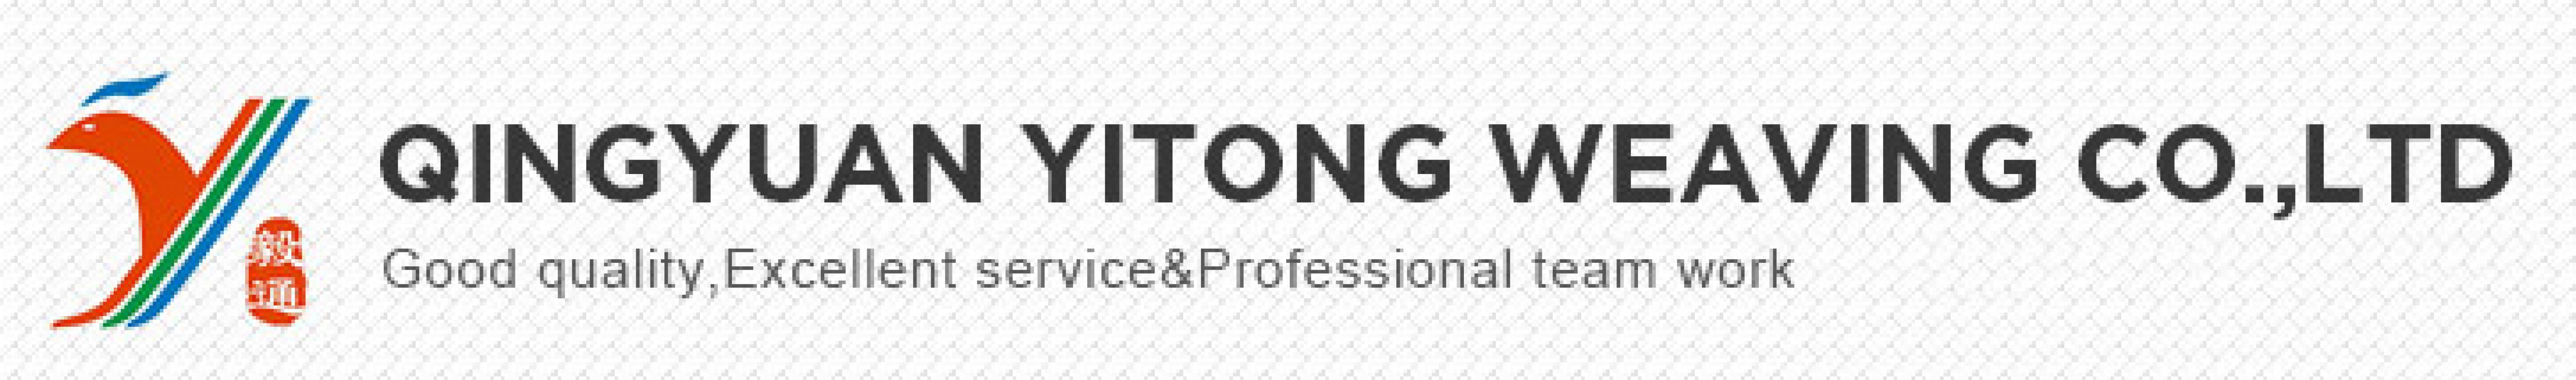 QING YUAN YI TONG WEAVING CO., LTD.